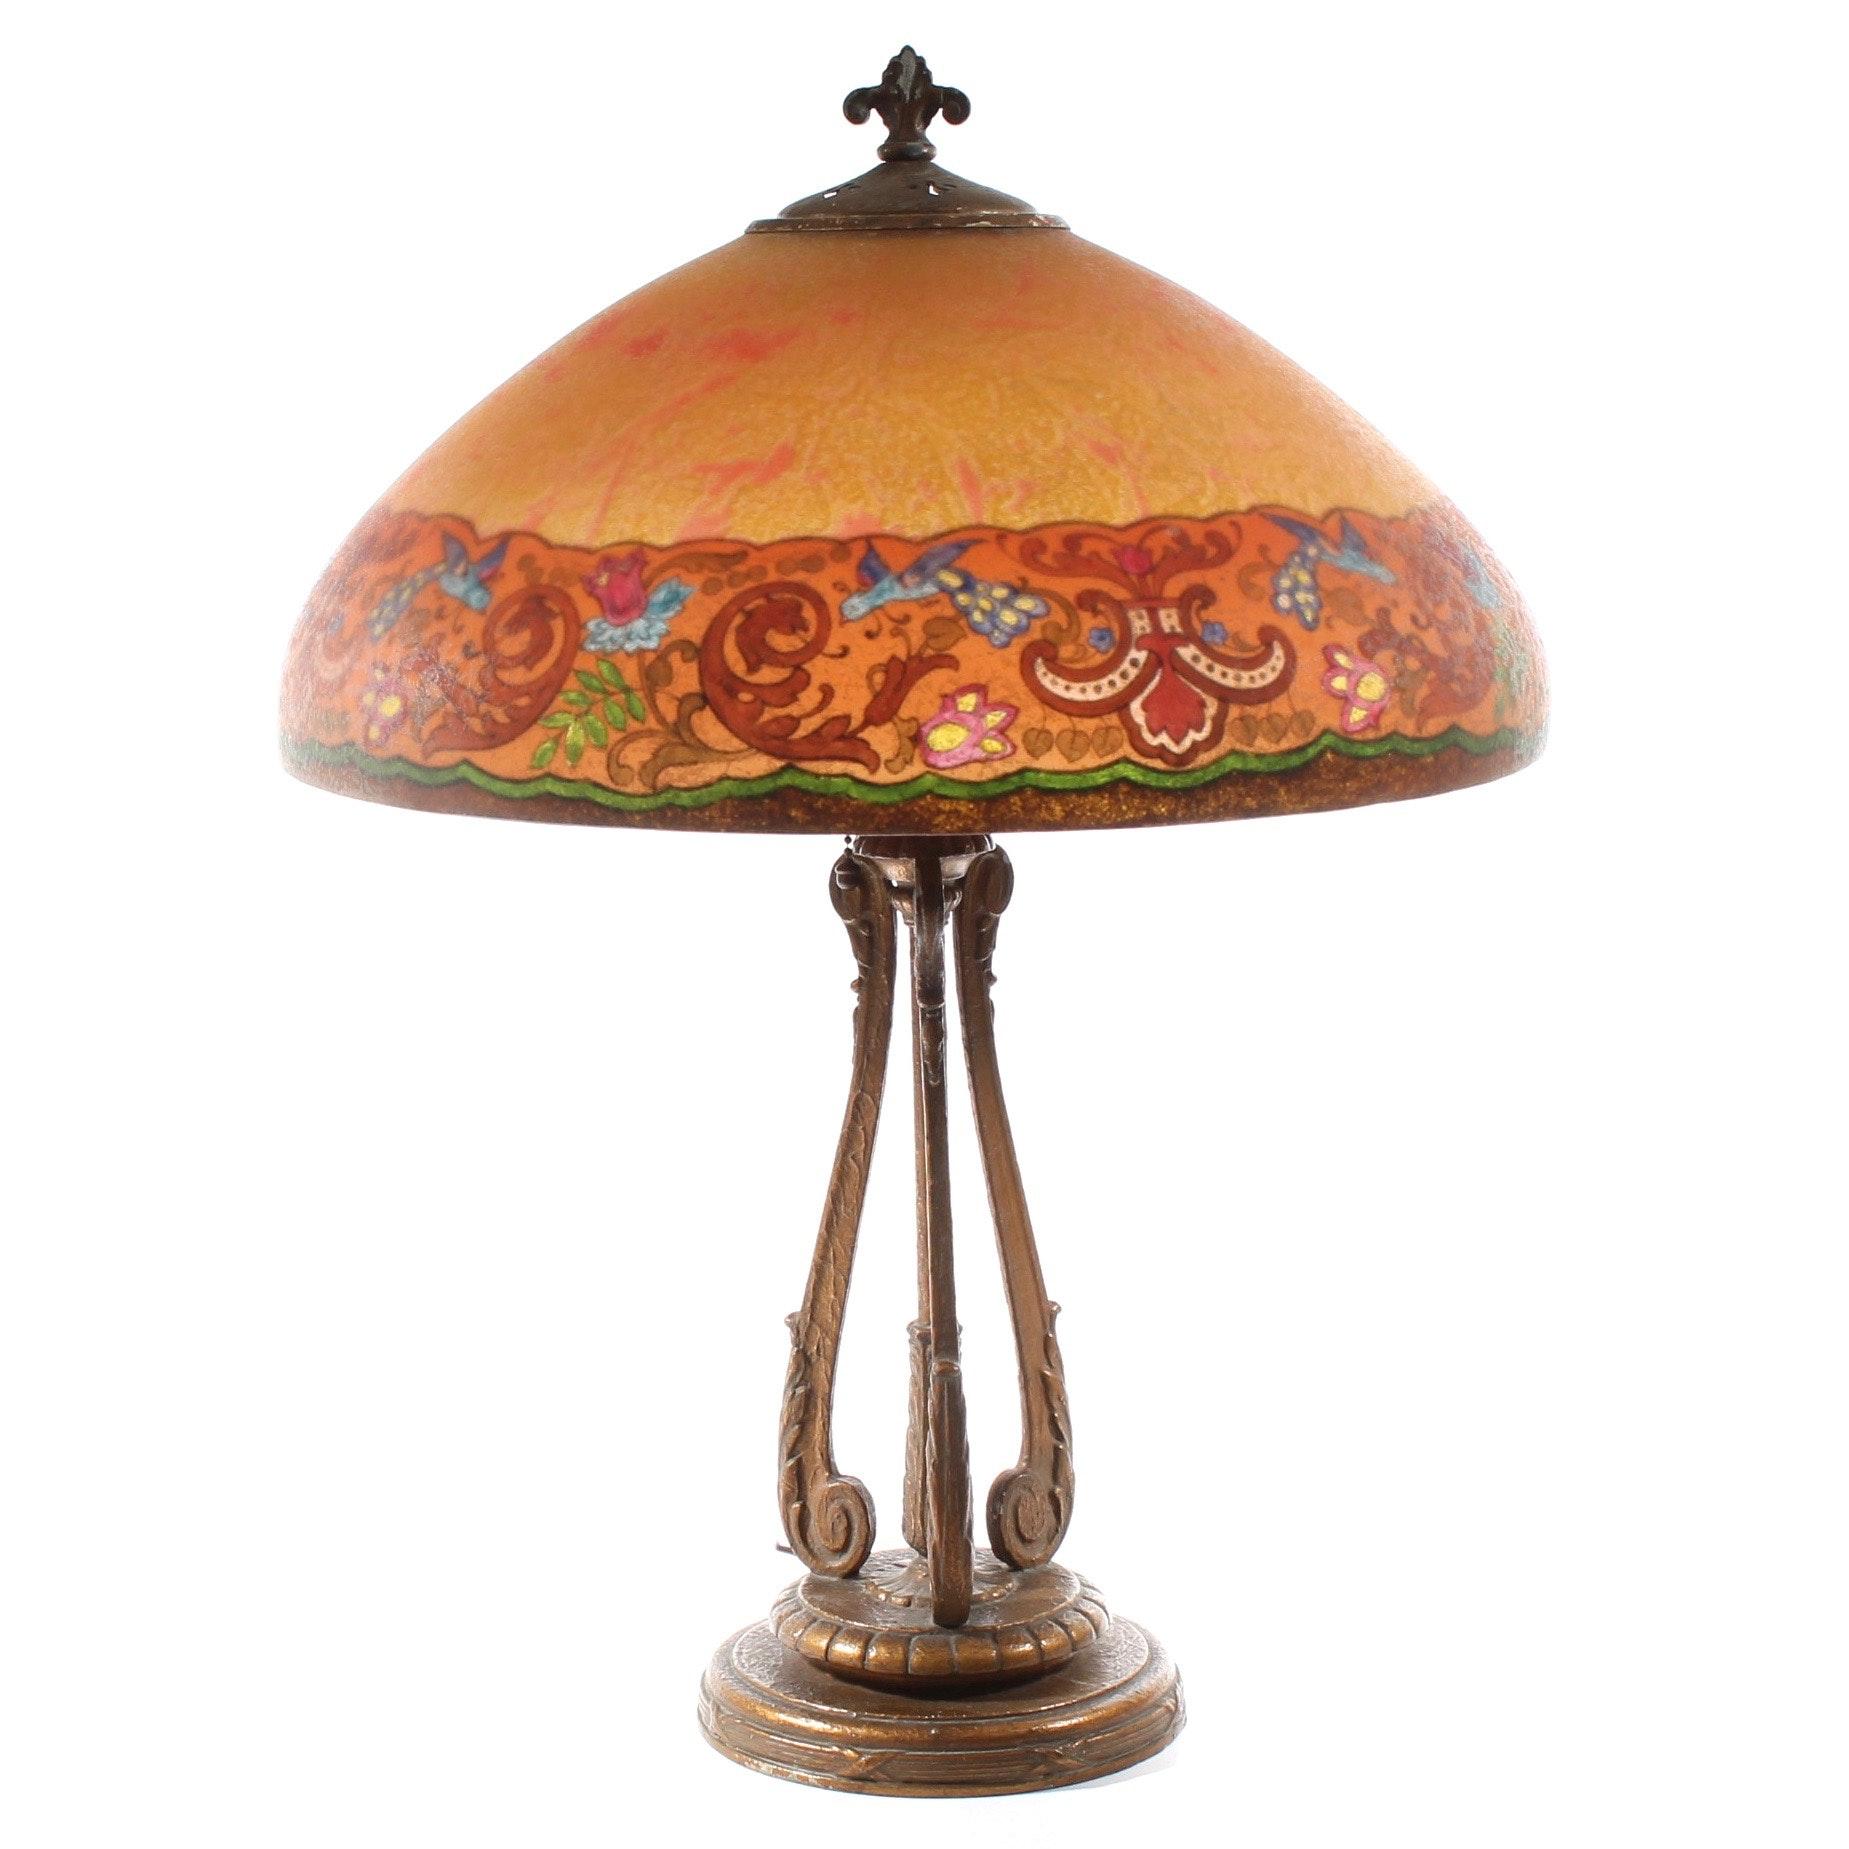 Antique Art Nouveau Handel Signed Reverse Painted Glass Table Lamp